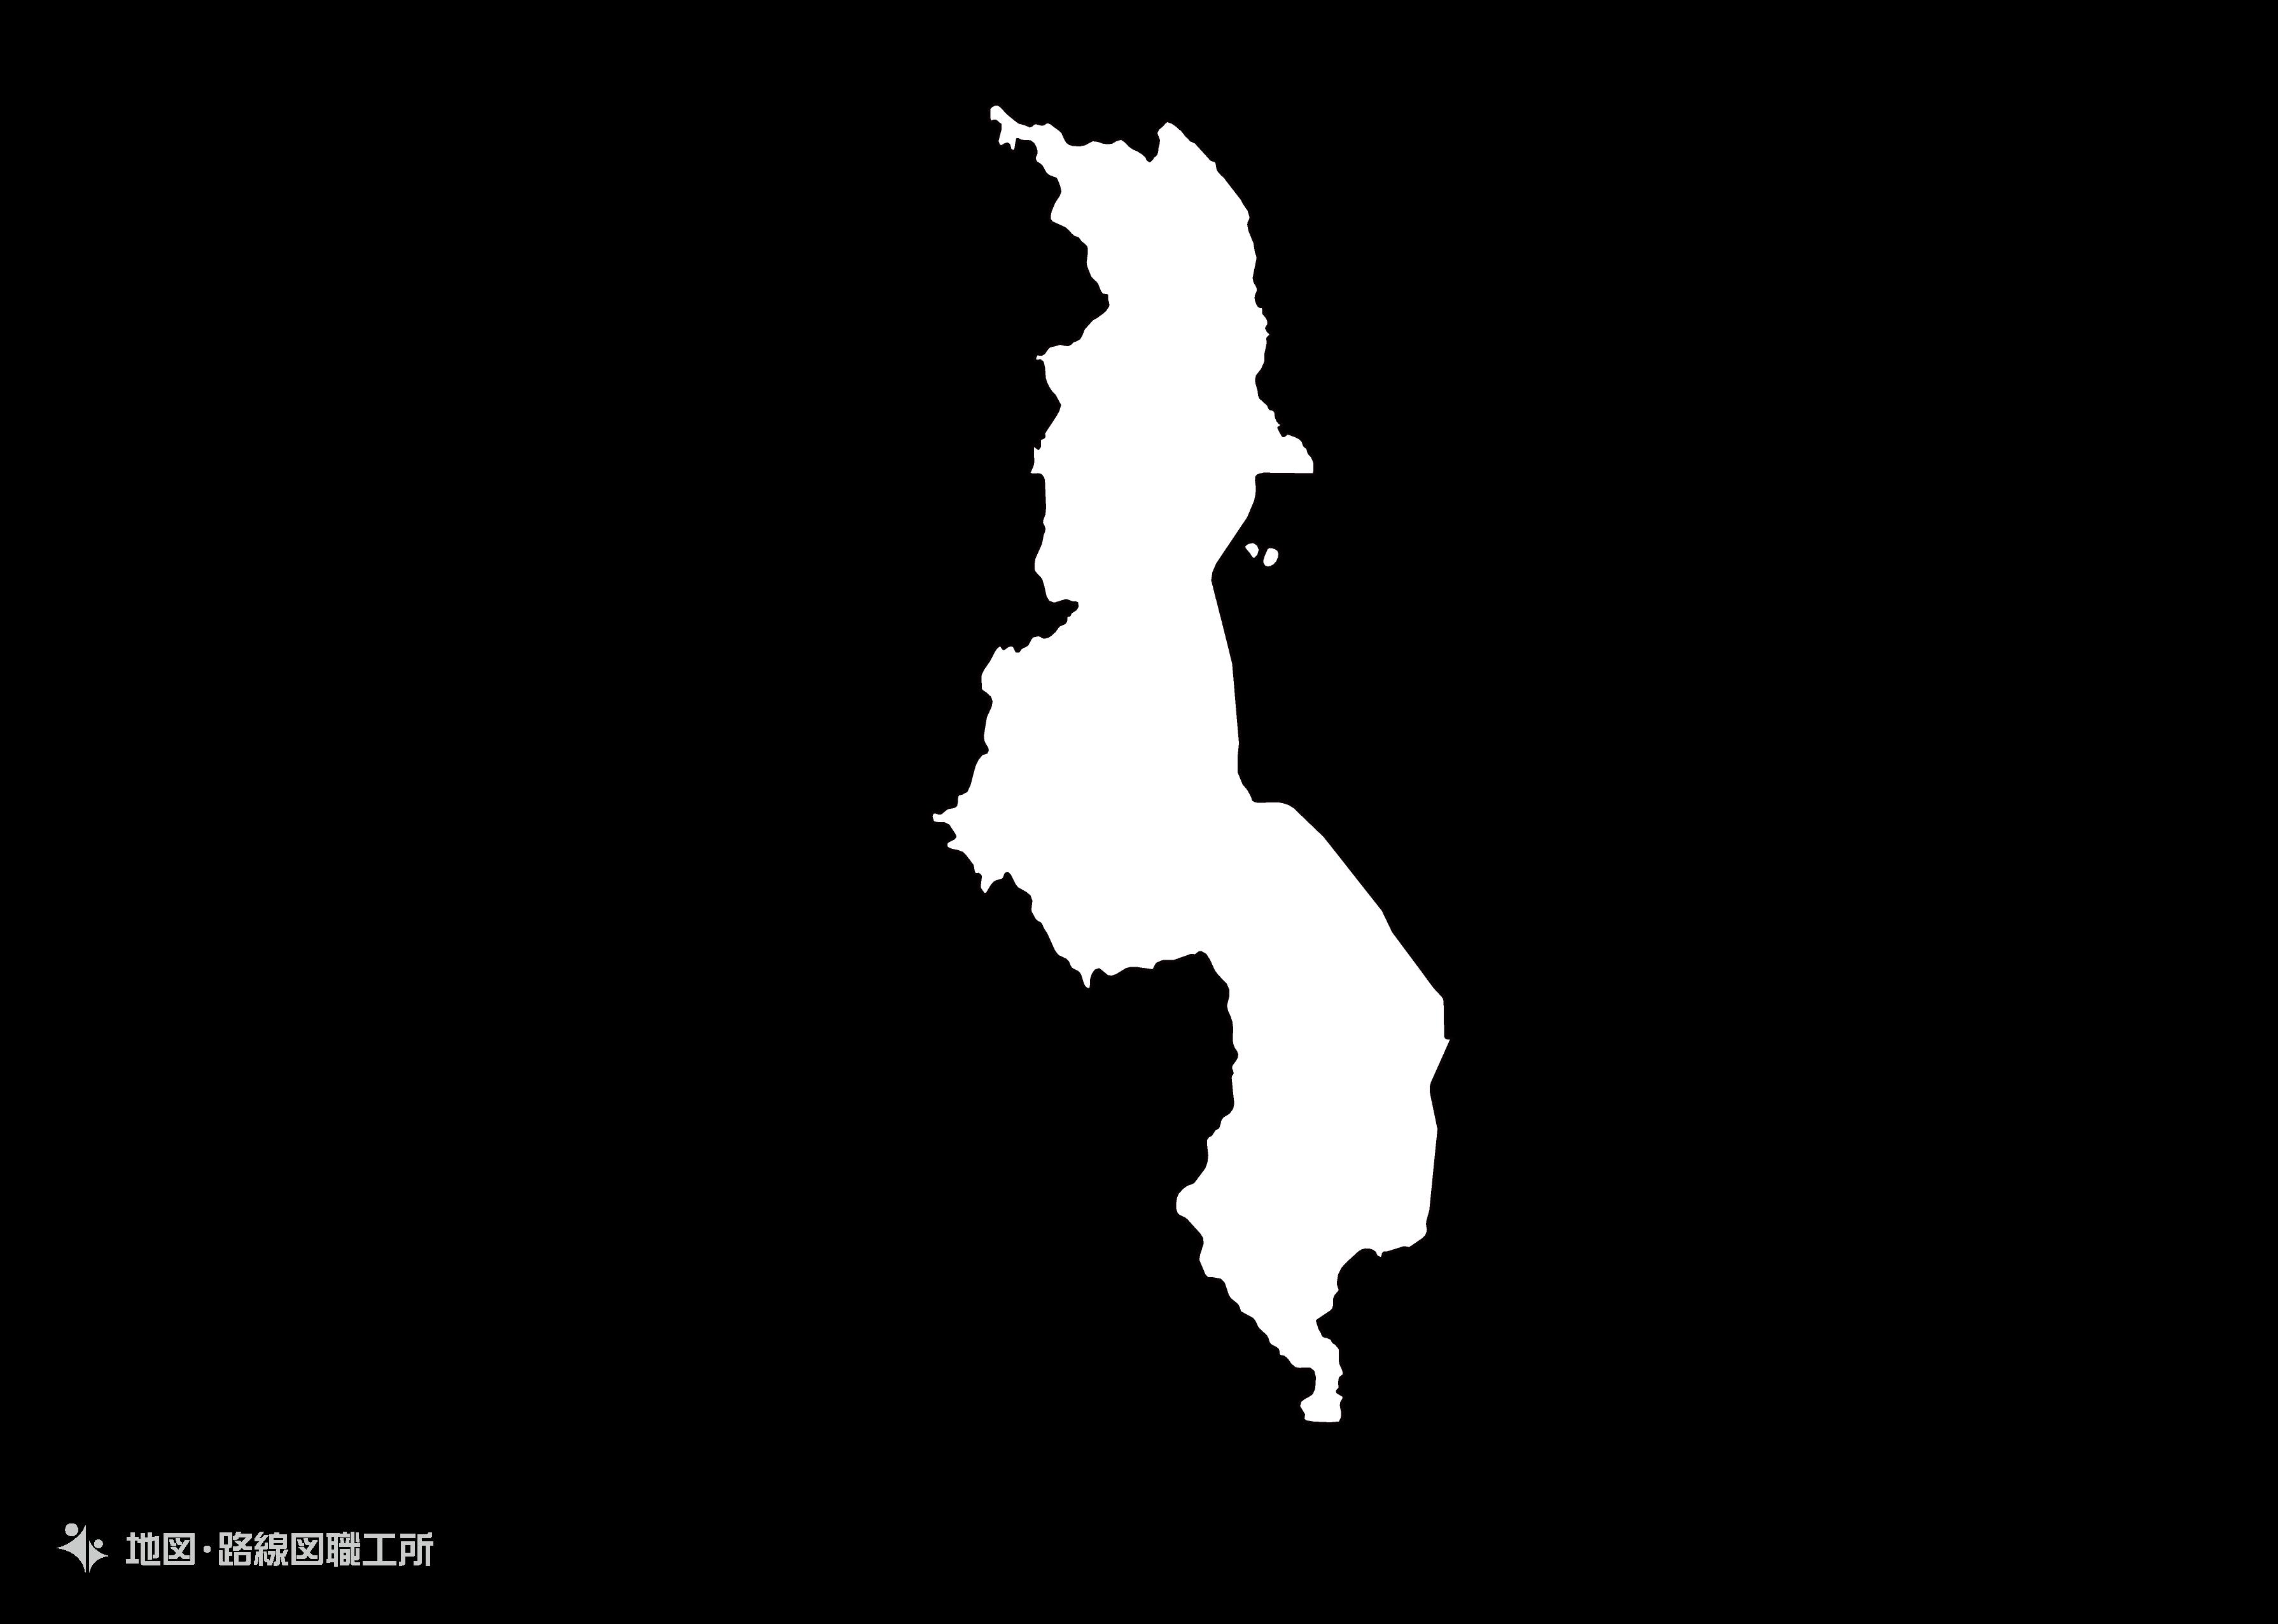 世界の白地図 マラウィ共和国 republic-of-malawi map